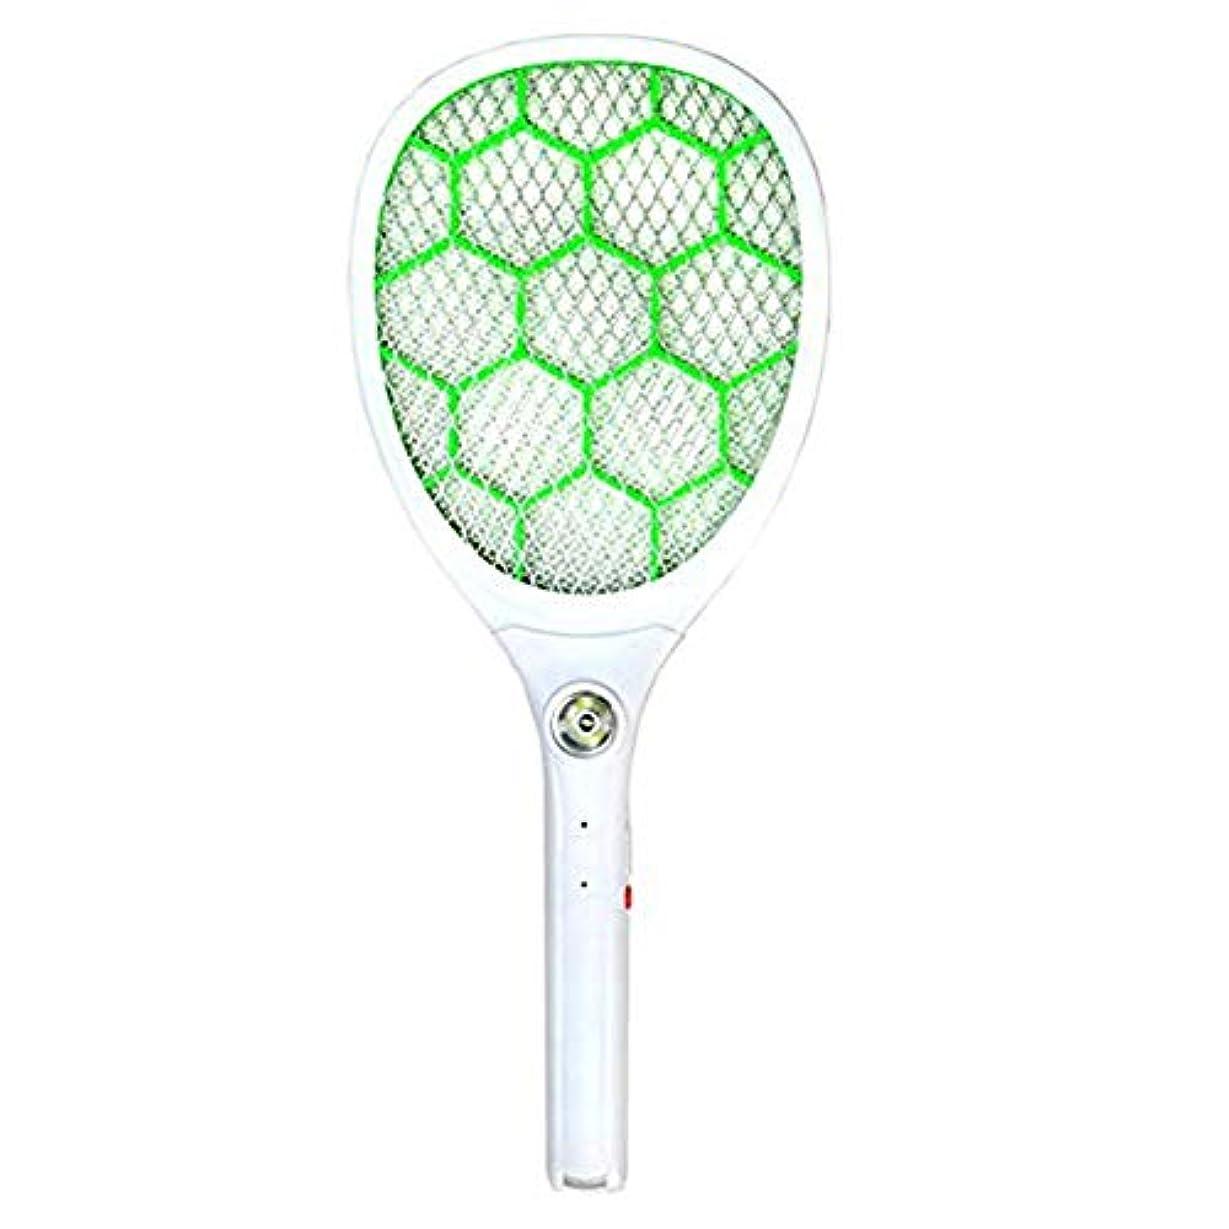 融合新年チャットUSB充電式蚊ハエバタバタLEDフラッシュ屋内と屋外の害虫駆除(緑)